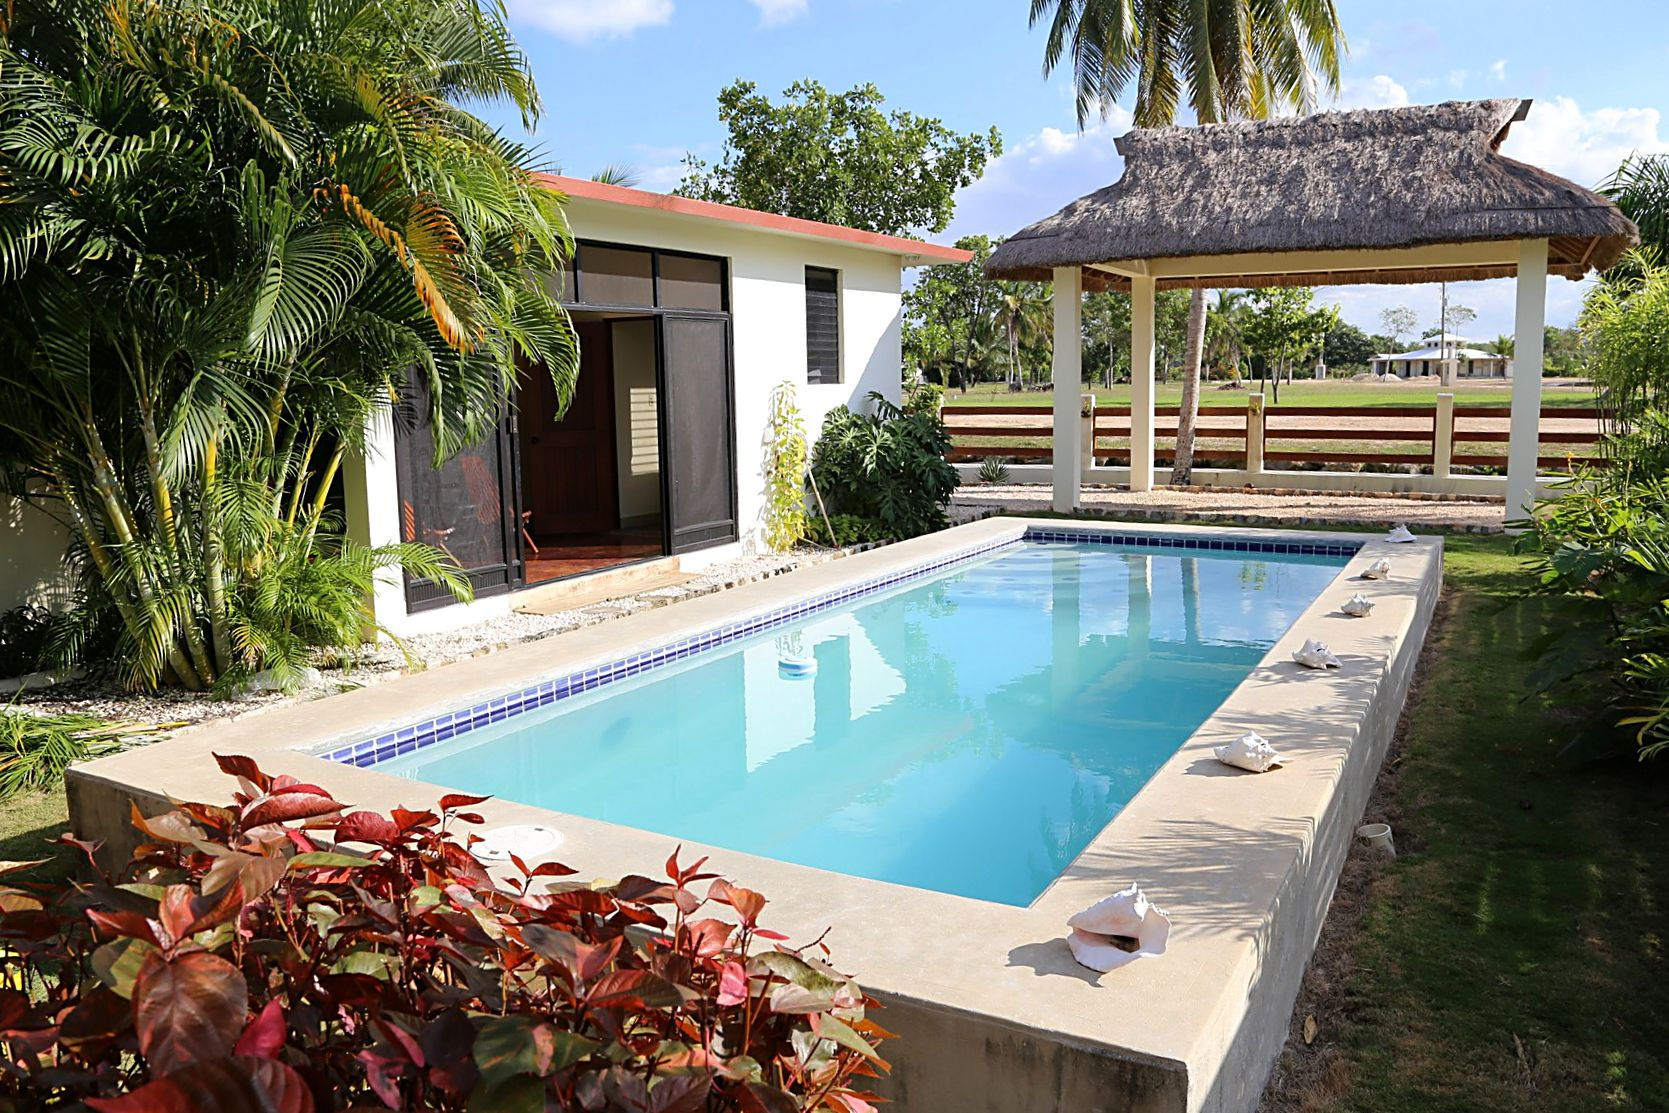 Другая жилая недвижимость для того Продажа на Casa Royale Corozal, Corozal, Белиз